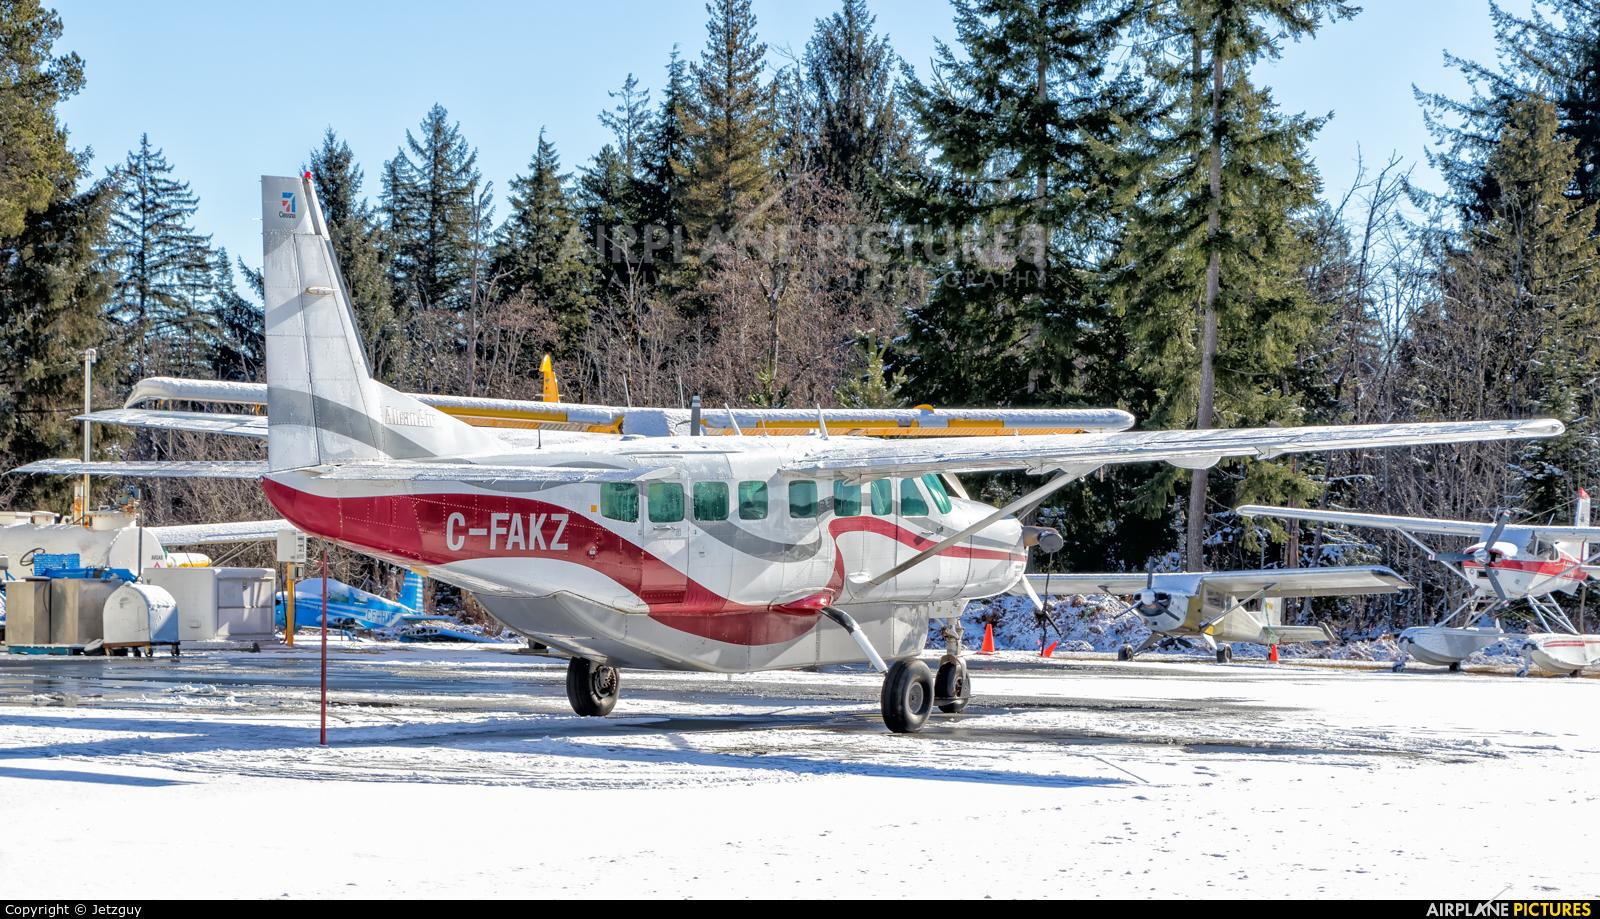 Alkan Air C-FAKZ aircraft at Campbell River Airport